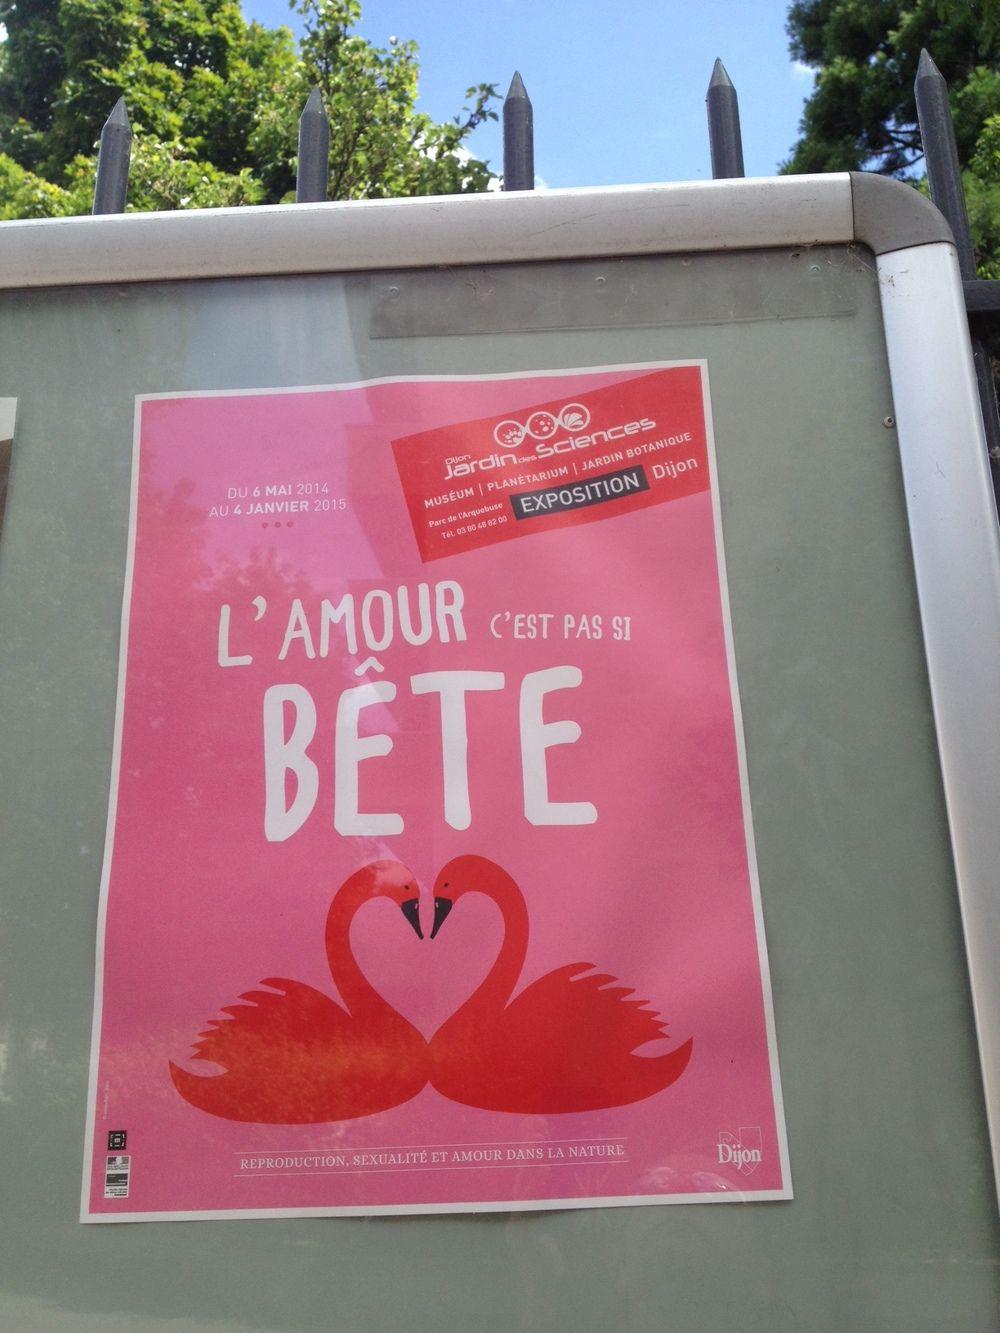 Jamais! Parc Arquebuse, Dijon, June 2014